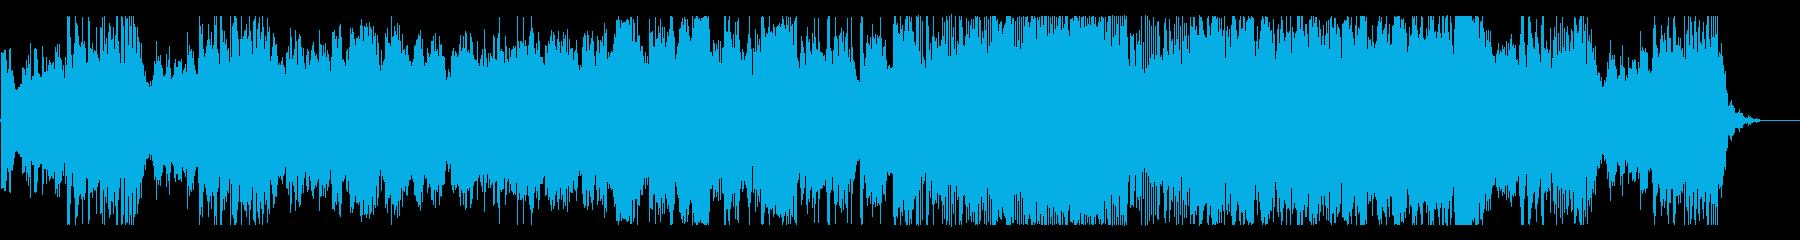 シネマティック風なオーケストラの再生済みの波形